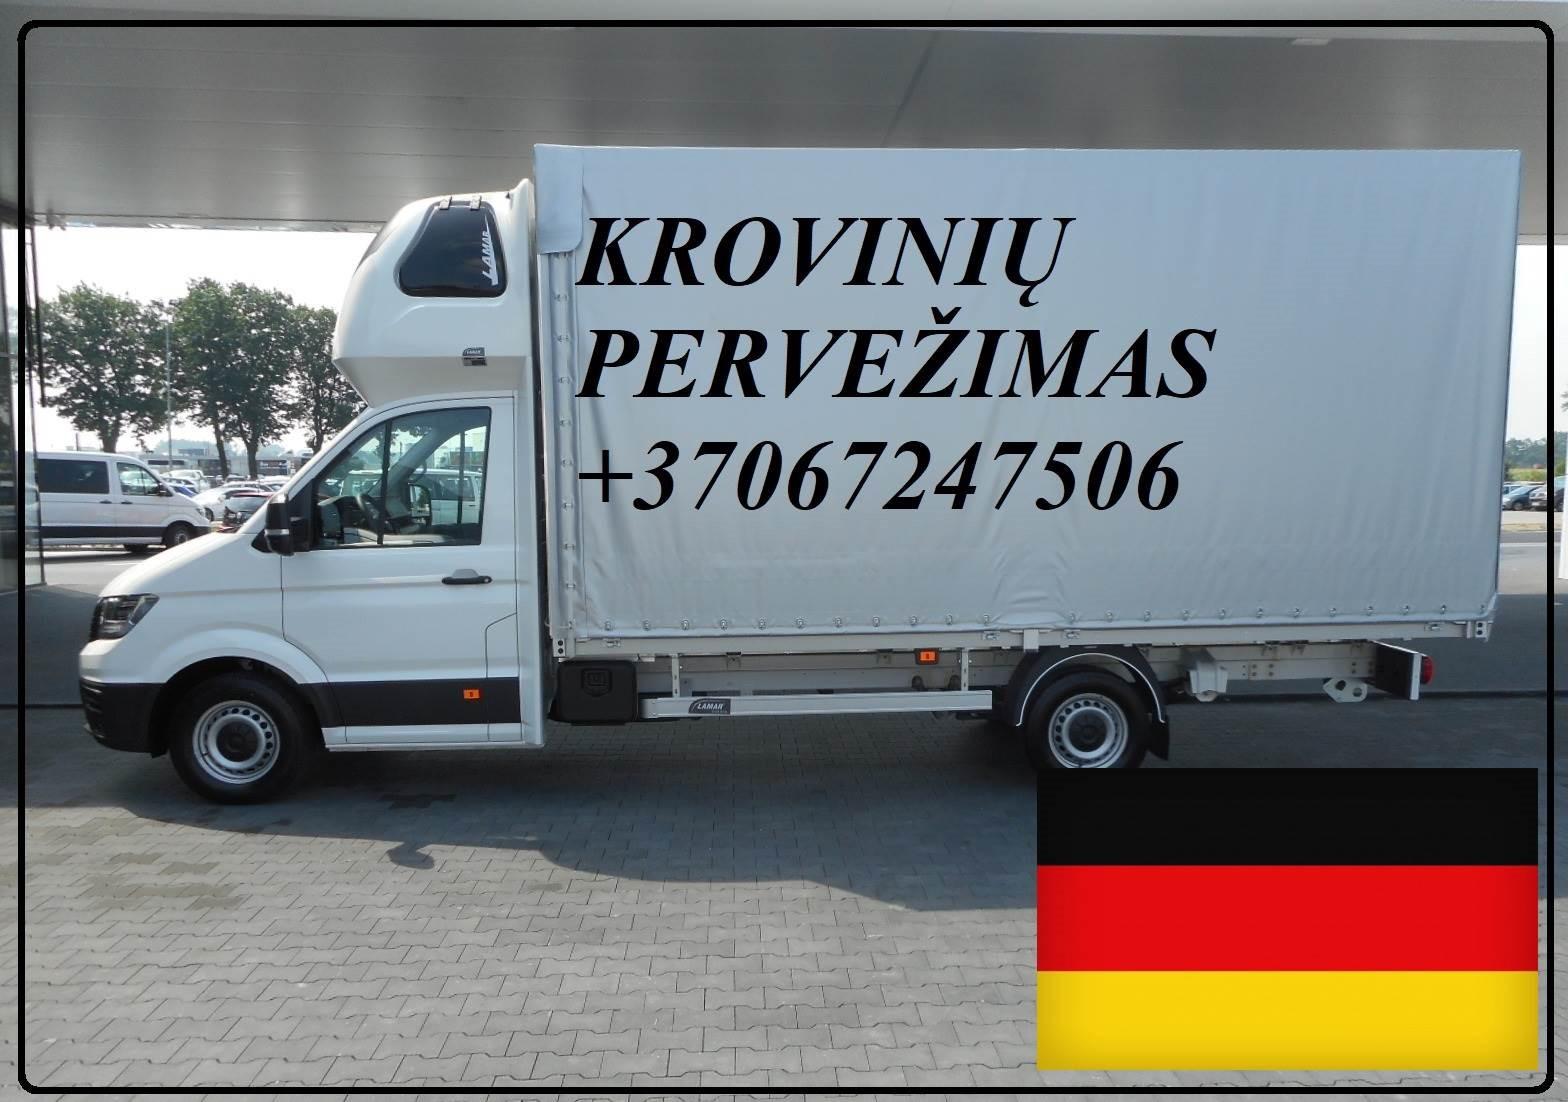 Krovinių pervežimas iš ir į Vokietiją DE-LT